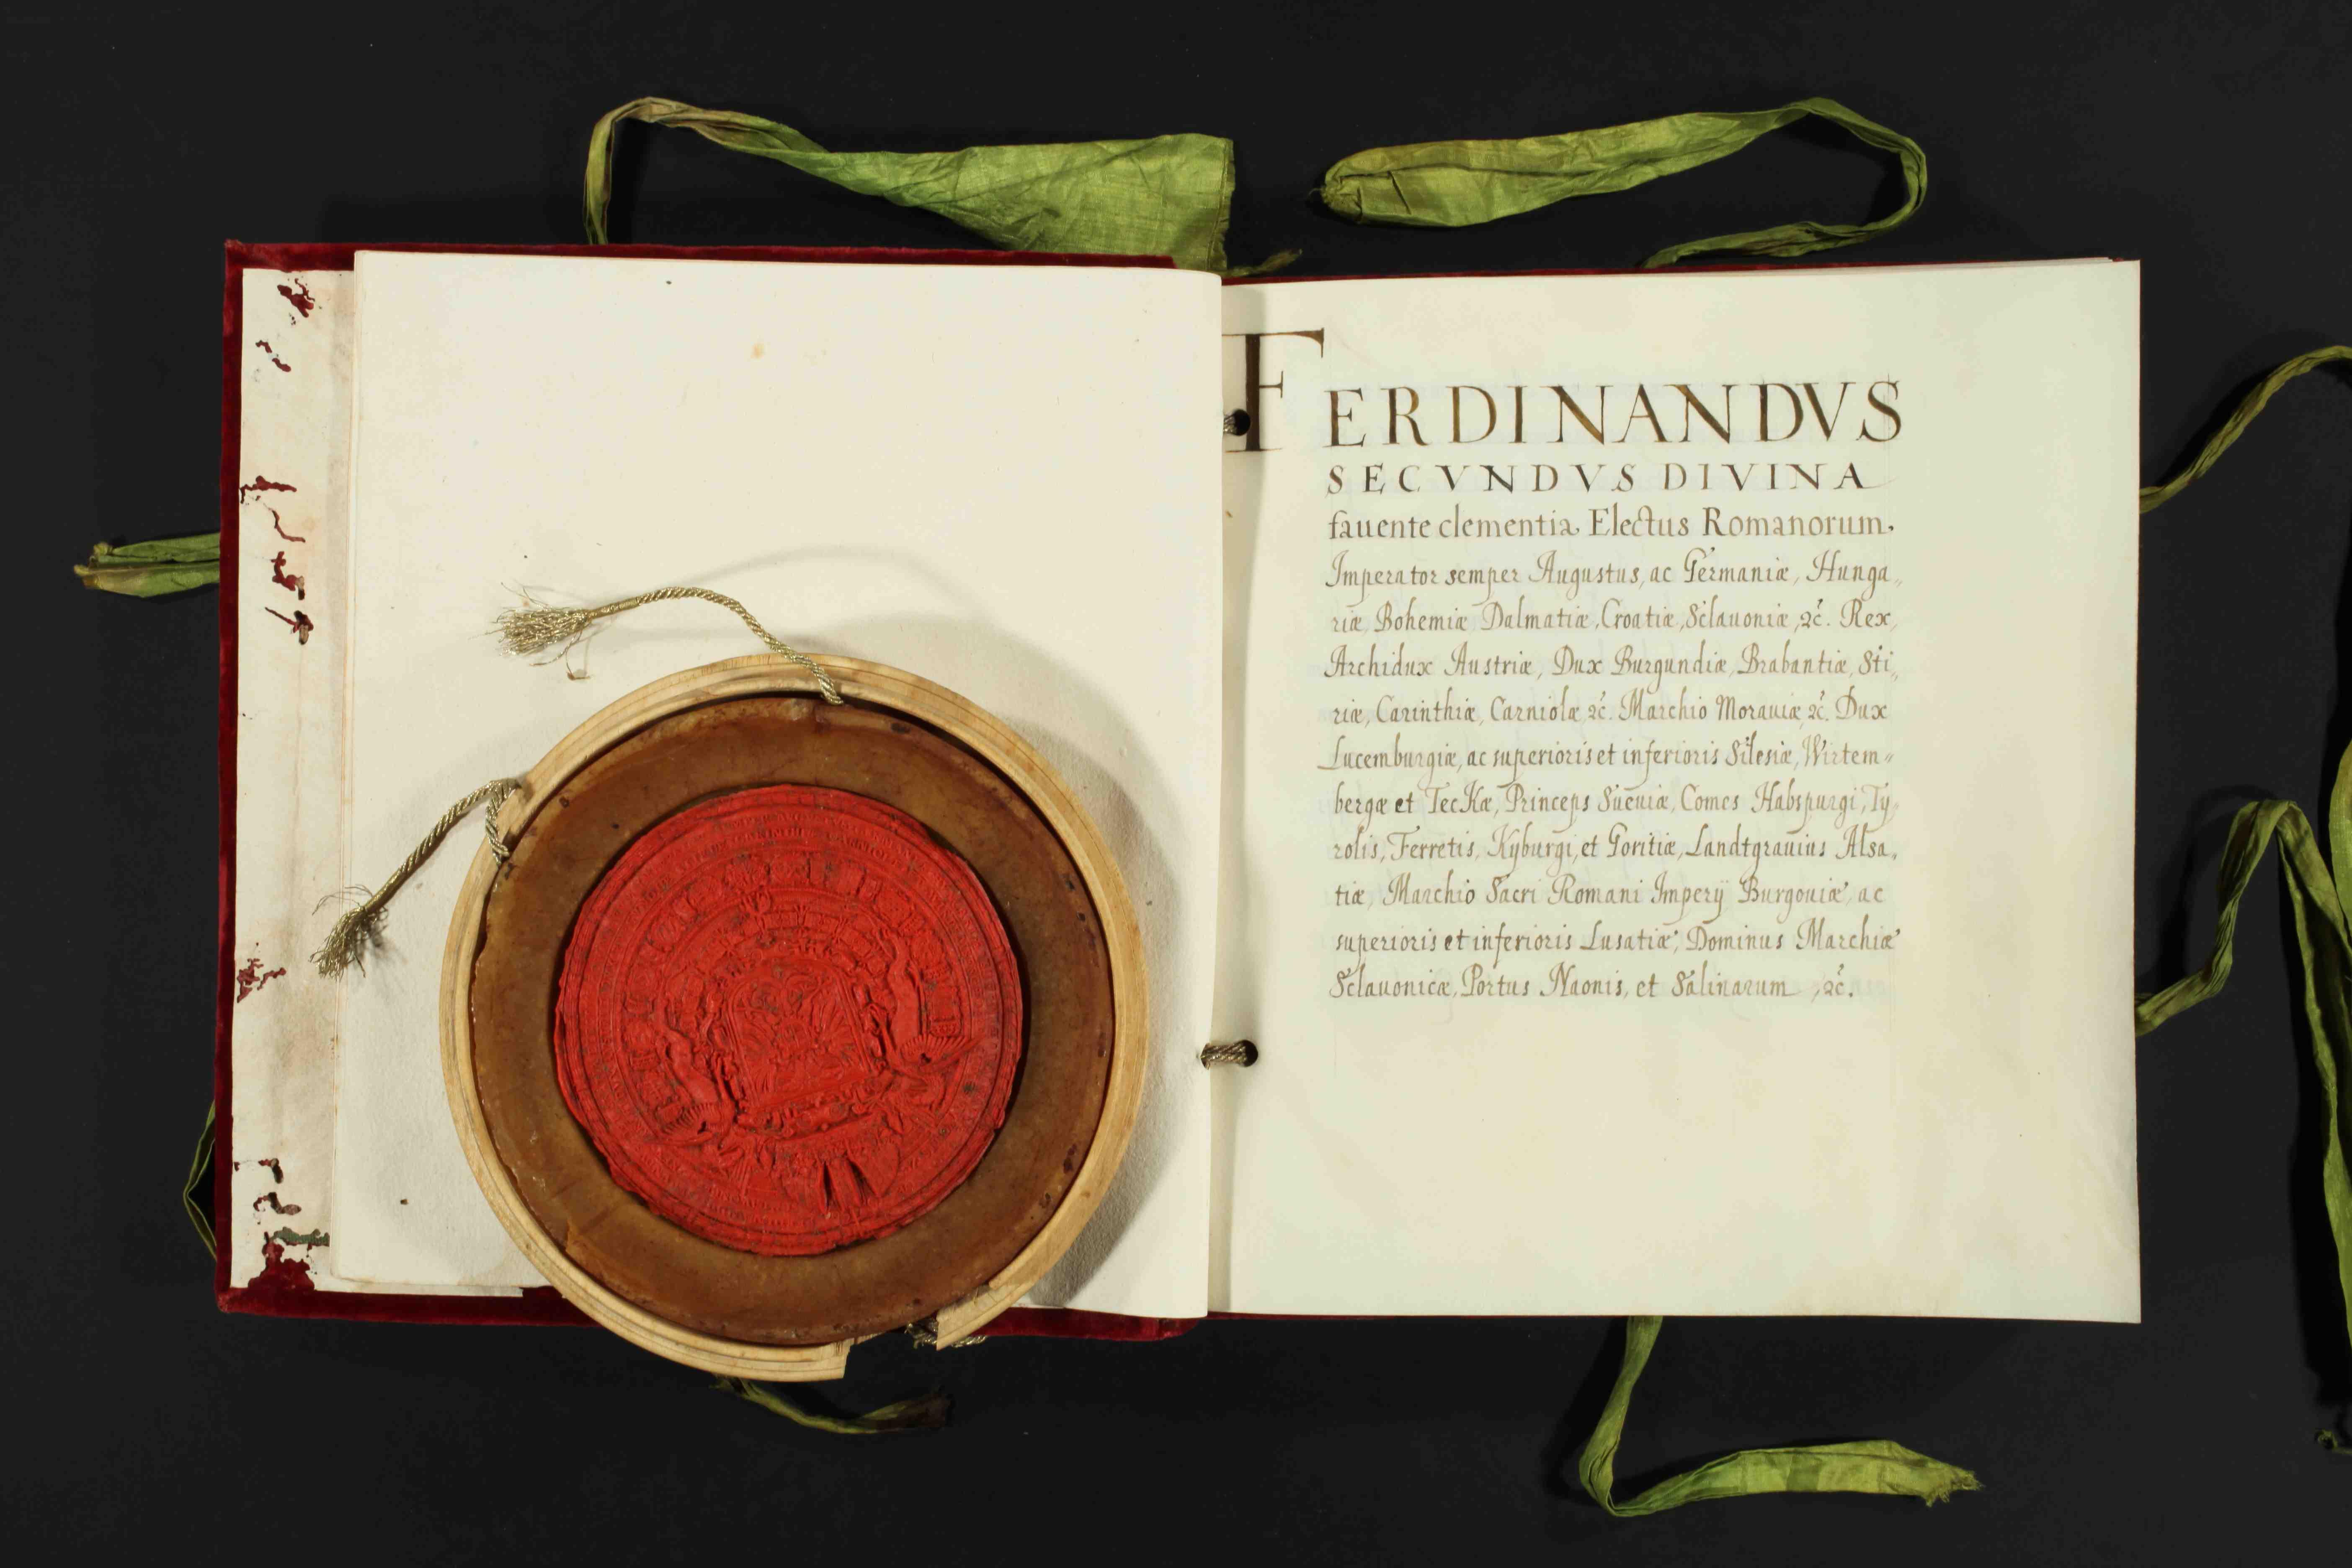 Investitura del duca Francesco I da parte dell'imperatore Ferdinando II. 10 novembre 1629. Modena, Archivio di Stato, Archivio Segreto Estense, Casa e Stato, cass. 36.